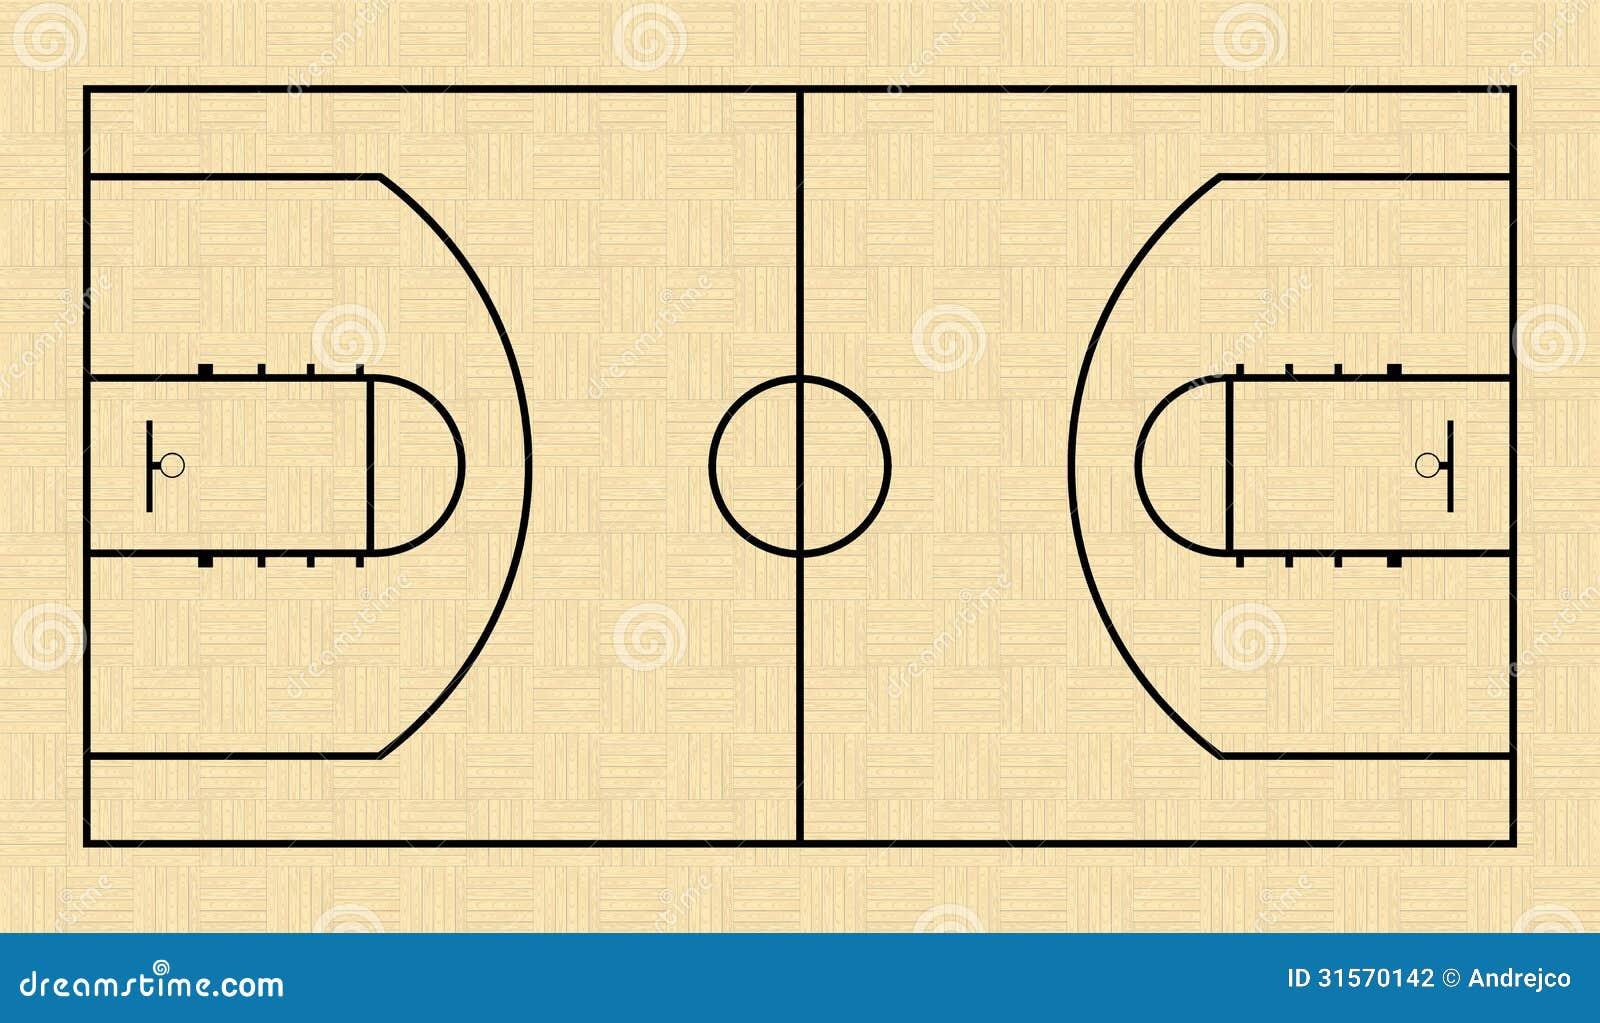 篮球场 图库摄影 - 图片